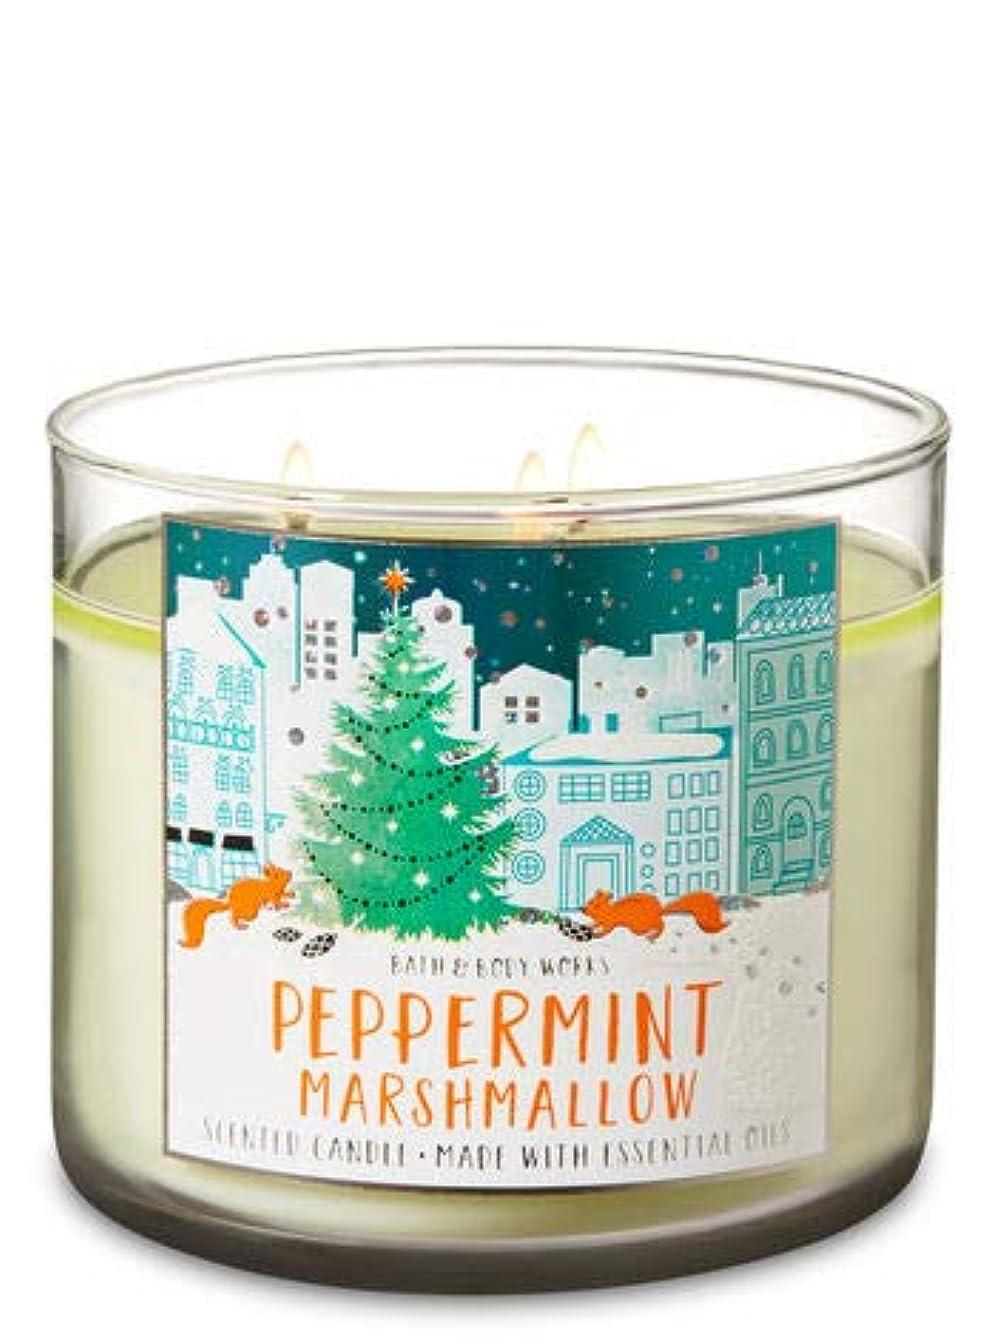 達成アニメーショントラック【Bath&Body Works/バス&ボディワークス】 アロマ キャンドル ペパーミントマシュマロ 3-Wick Scented Candle Peppermint Marshmallow 14.5oz/411g [並行輸入品]